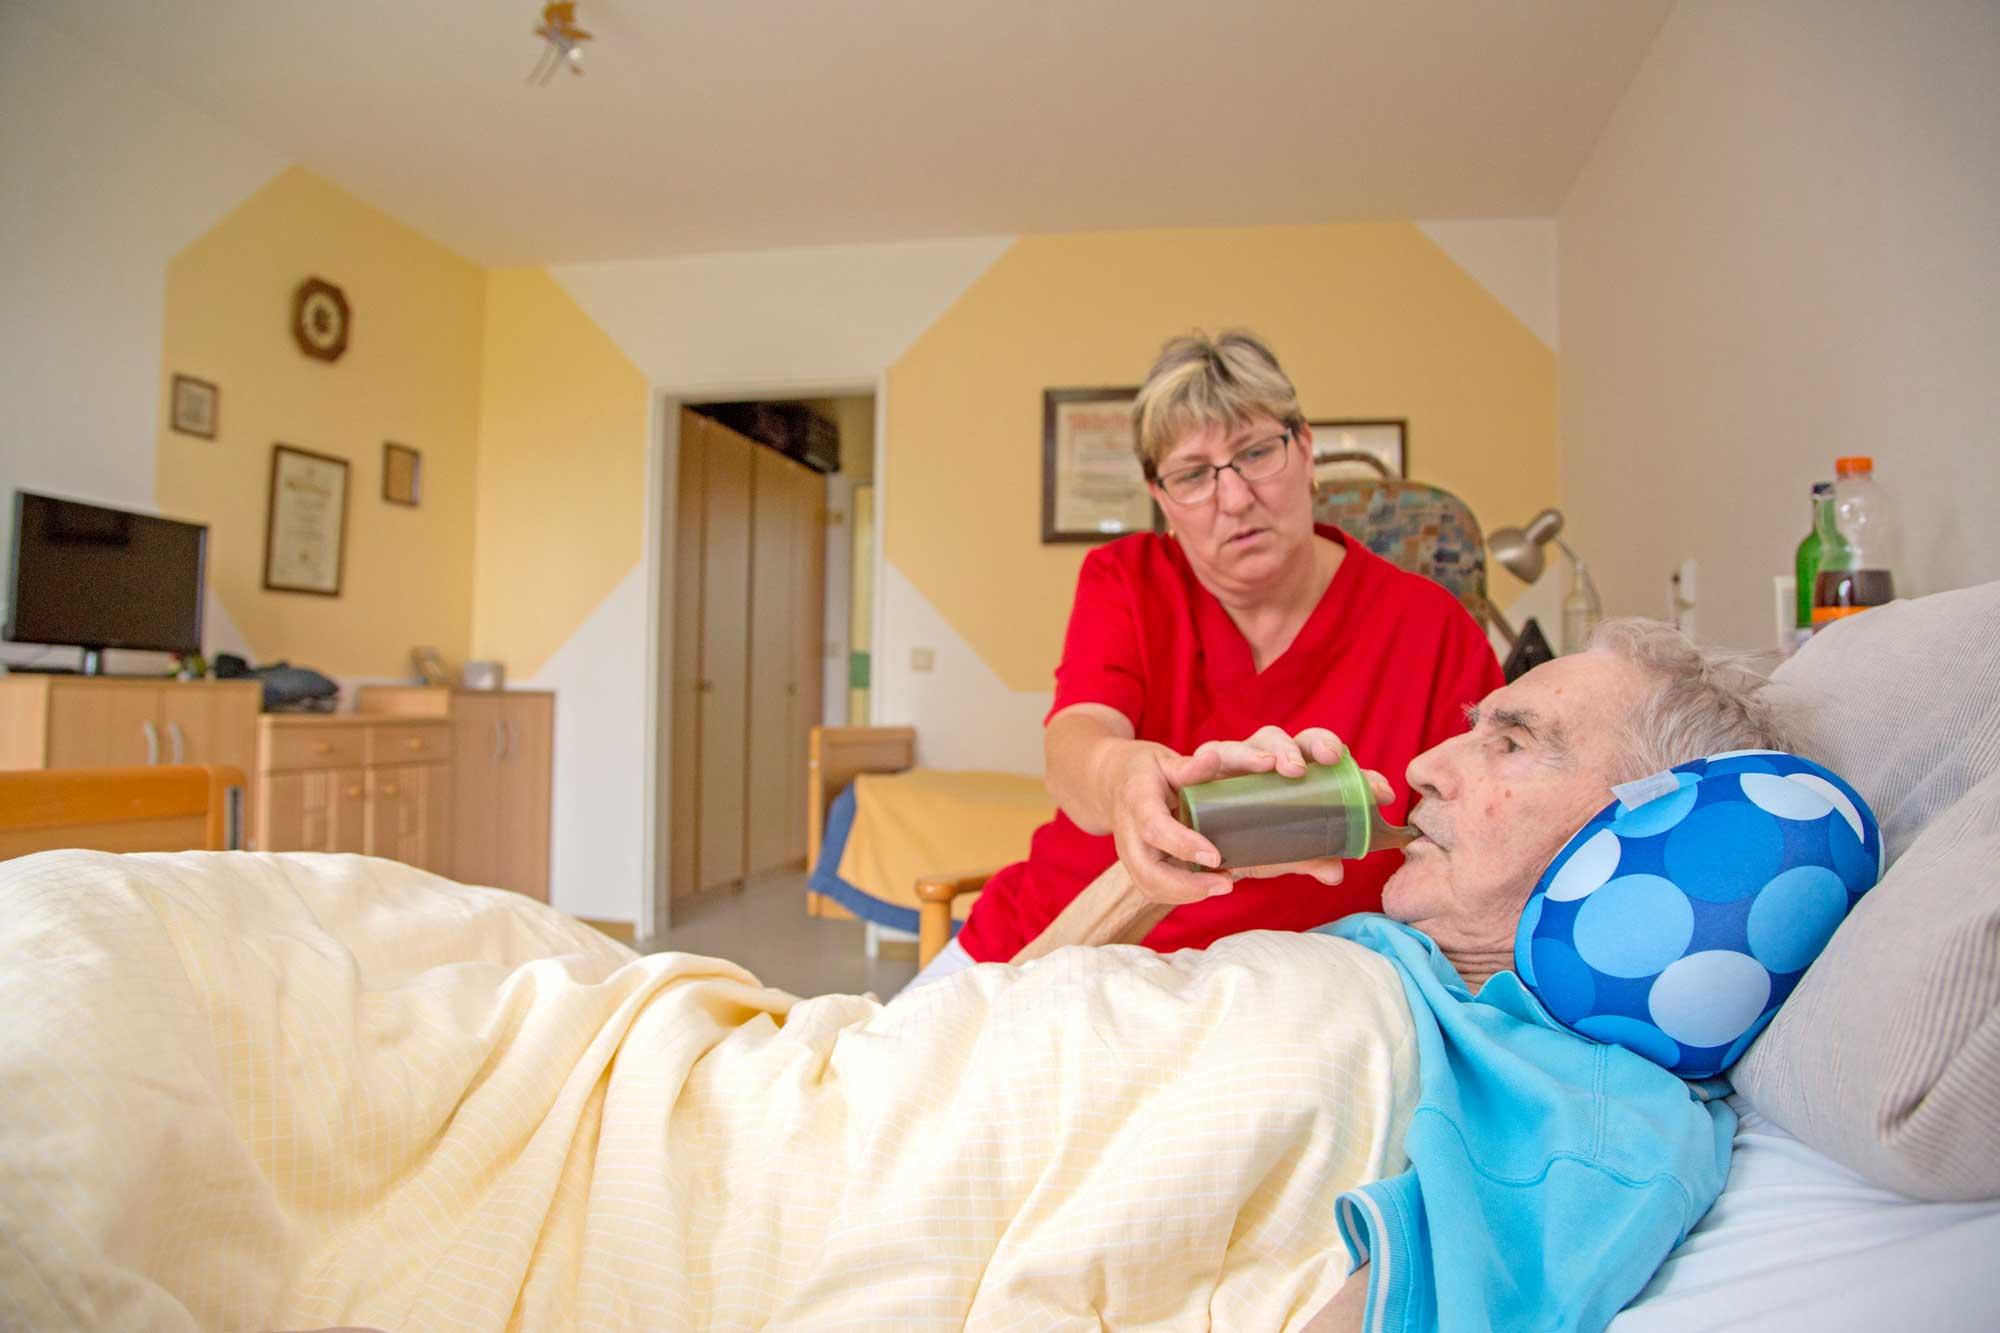 Pflegerin füttert einen bettlägerigen Bewohner